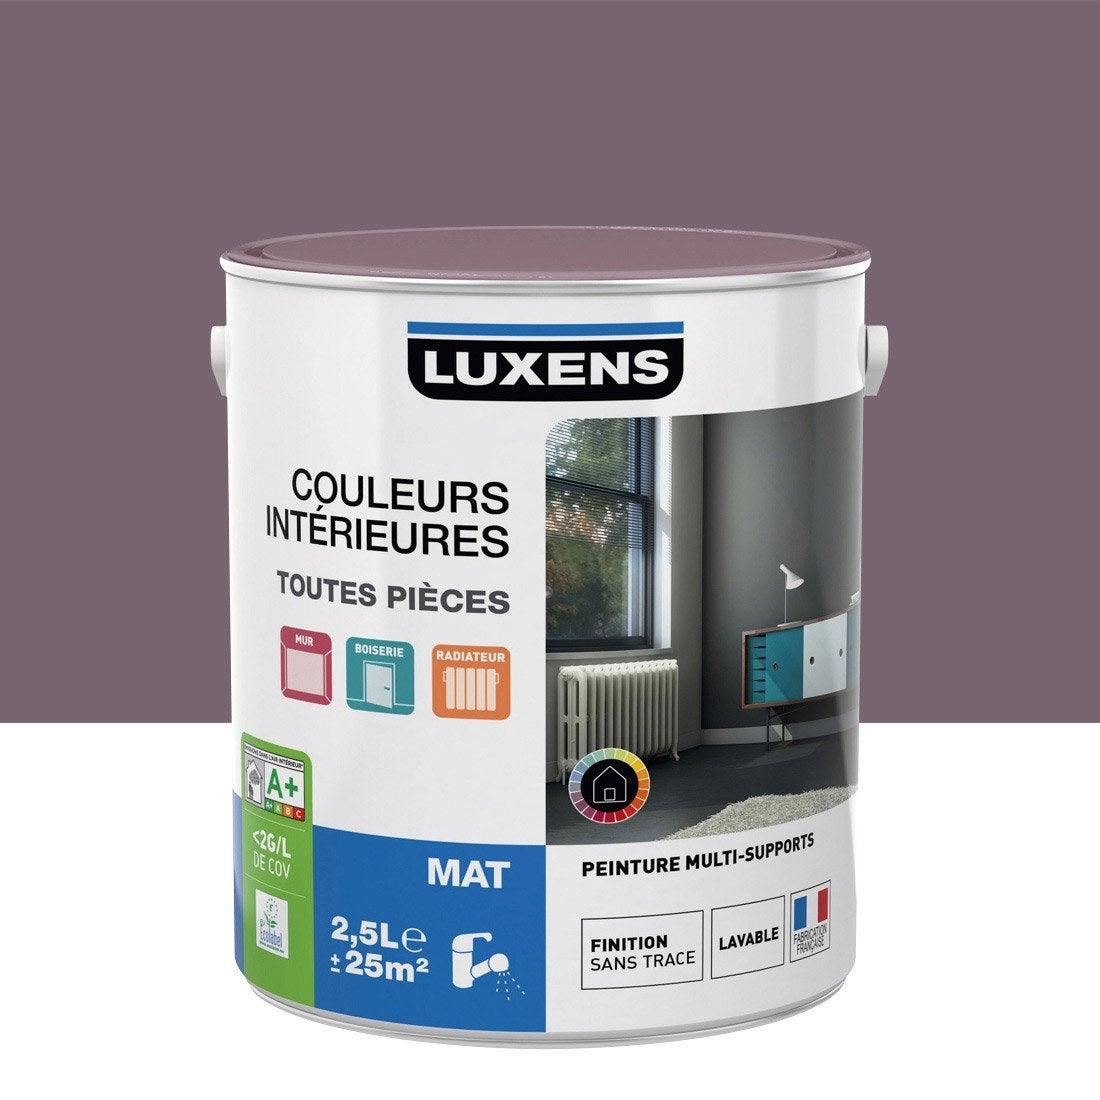 Cuisine Design Belgique : Peinture Couleurs intérieures mat LUXENS, violet aubergine n°3, 25